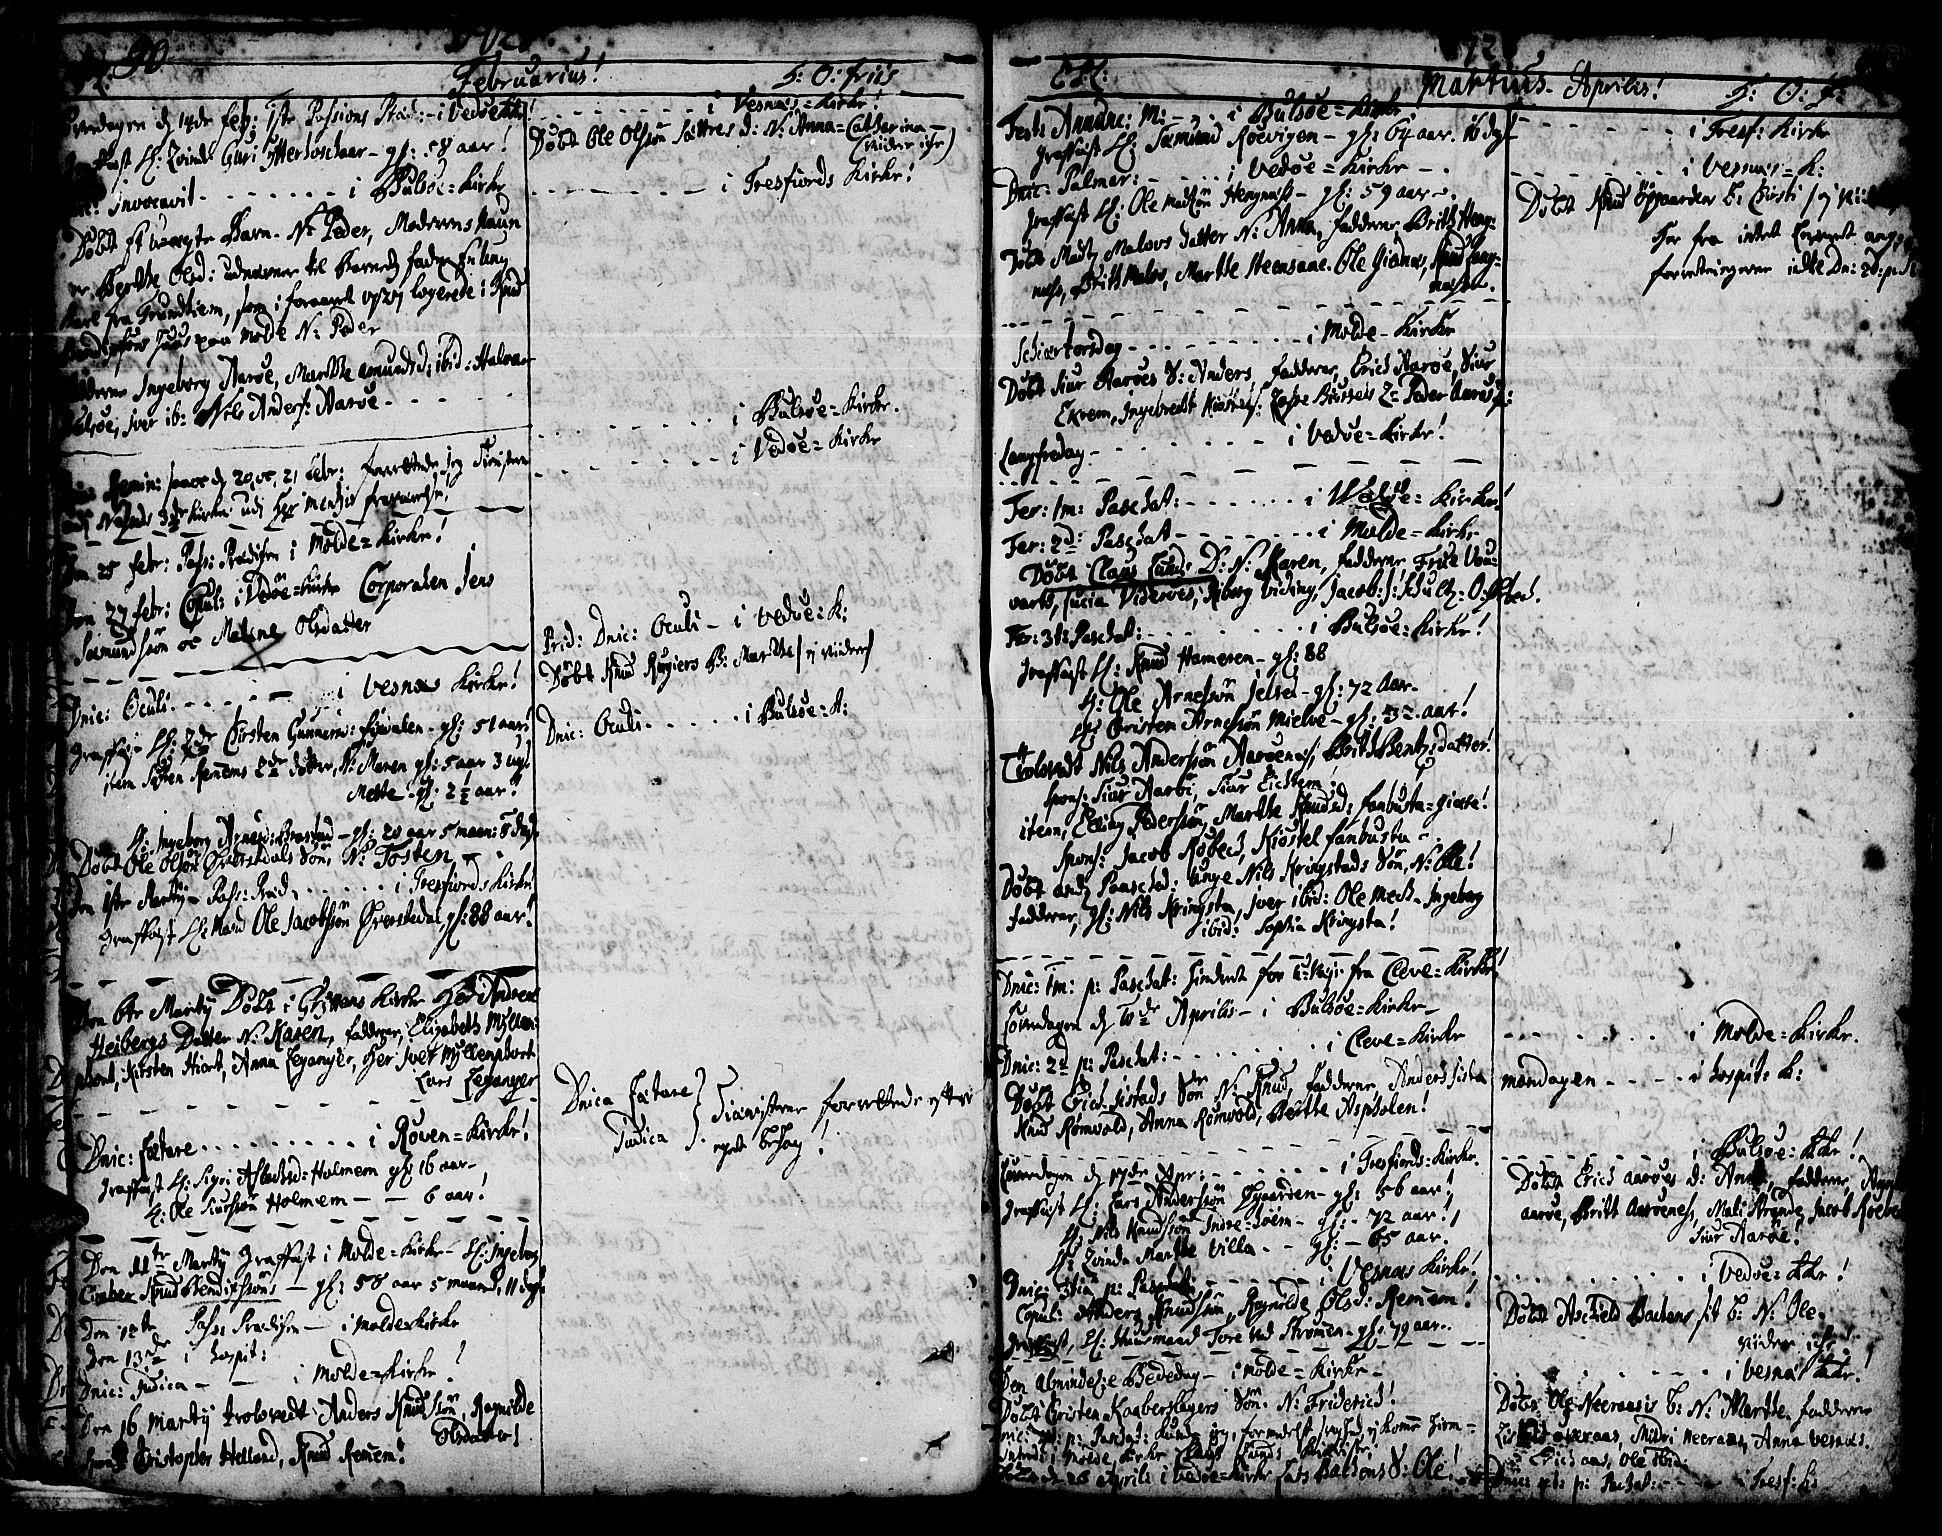 SAT, Ministerialprotokoller, klokkerbøker og fødselsregistre - Møre og Romsdal, 547/L0599: Parish register (official) no. 547A01, 1721-1764, p. 92-93